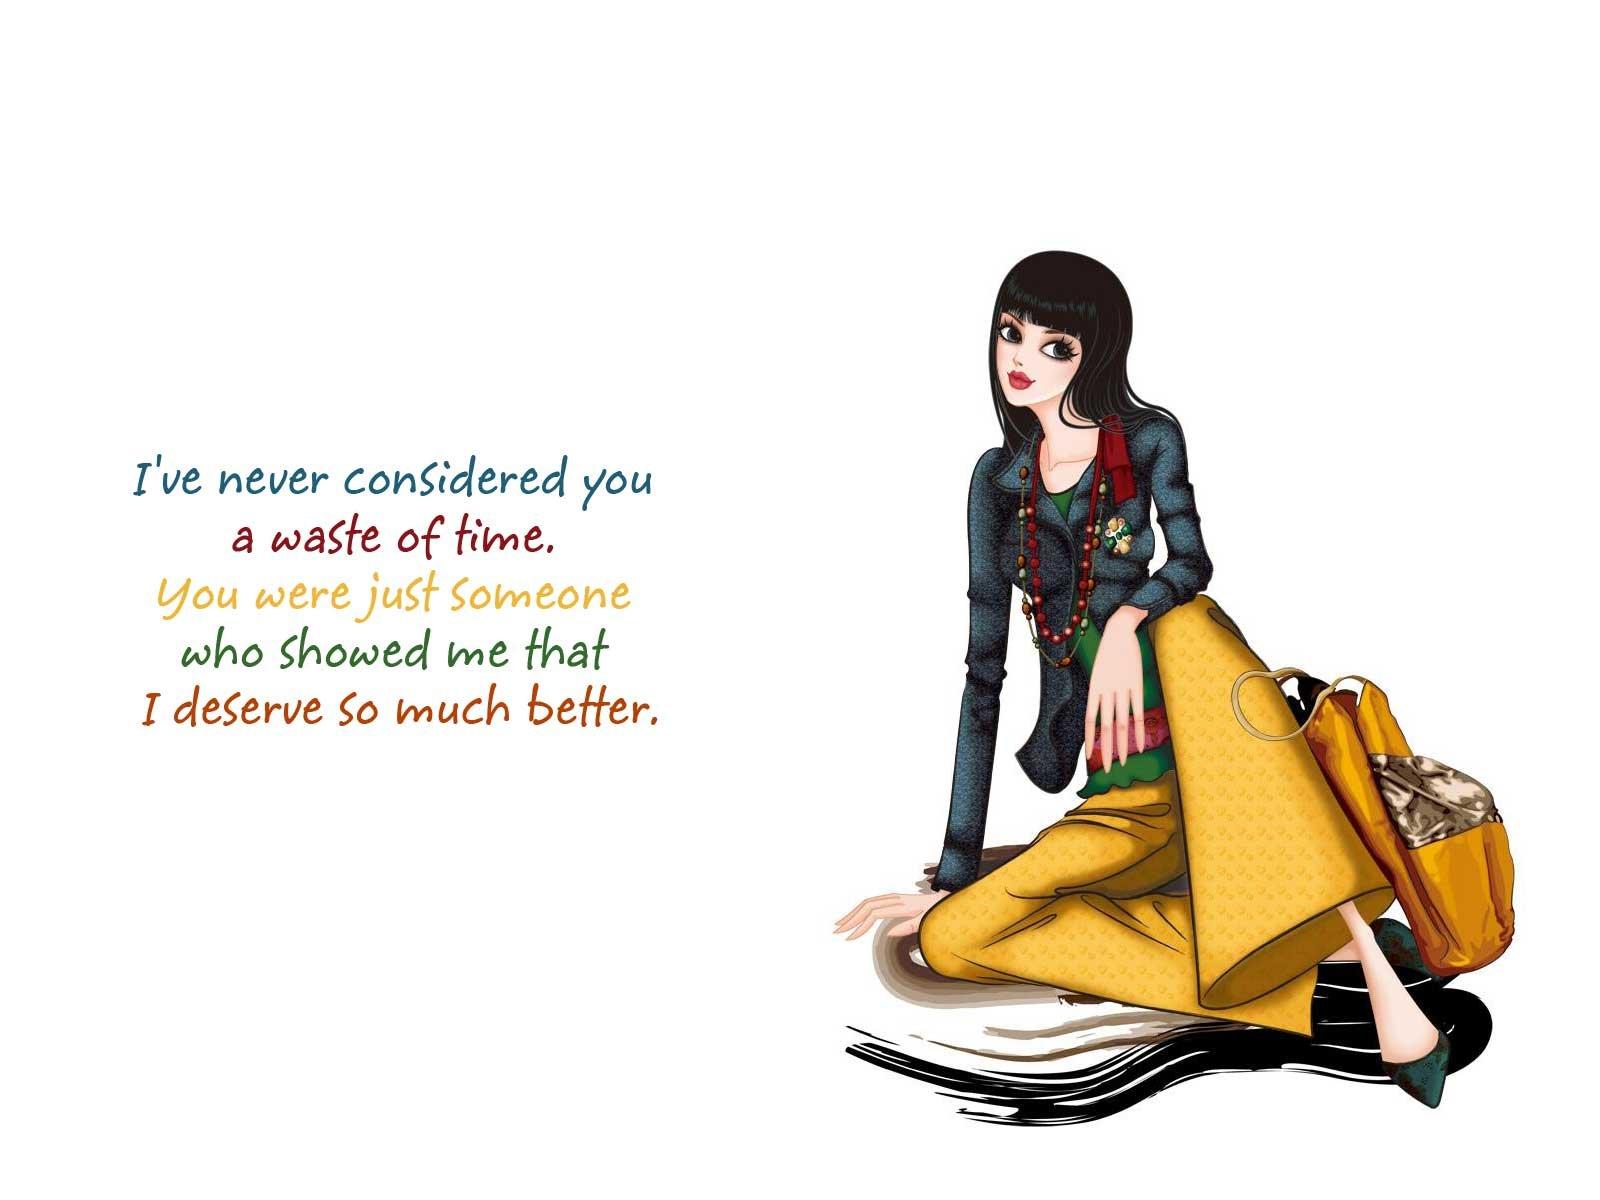 Attitude High Attitude Quotes 1600x1200 Wallpaper Teahub Io